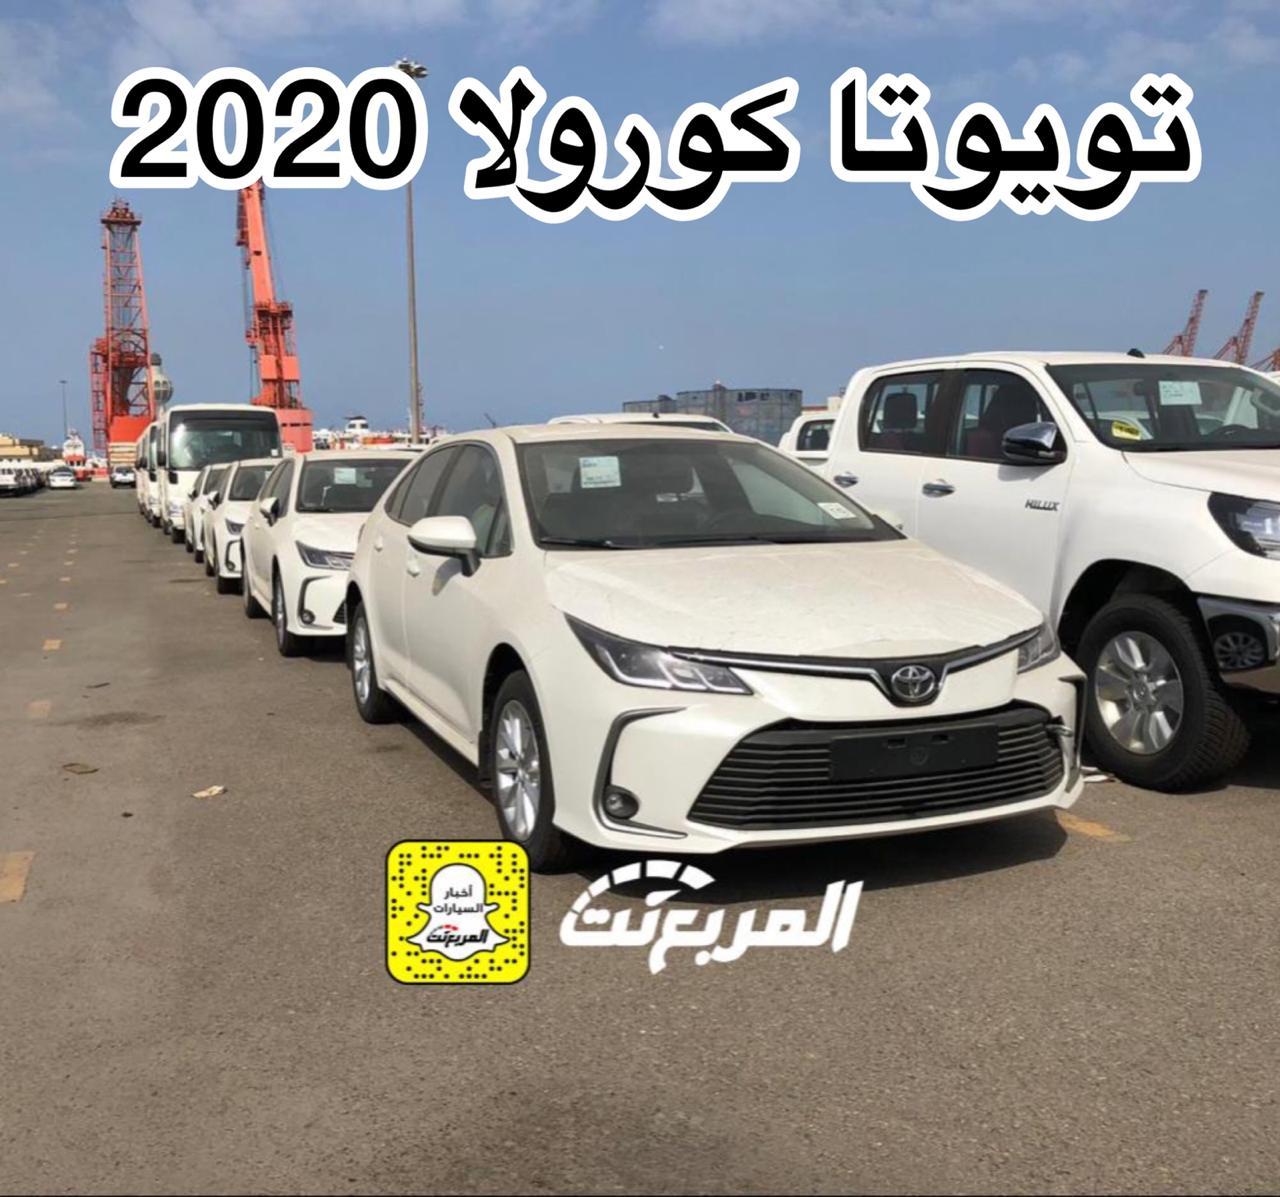 """""""بالصور"""" وصول تويوتا كورولا 2020 الجديدة الى السعودية + معلومات Toyota Corolla"""